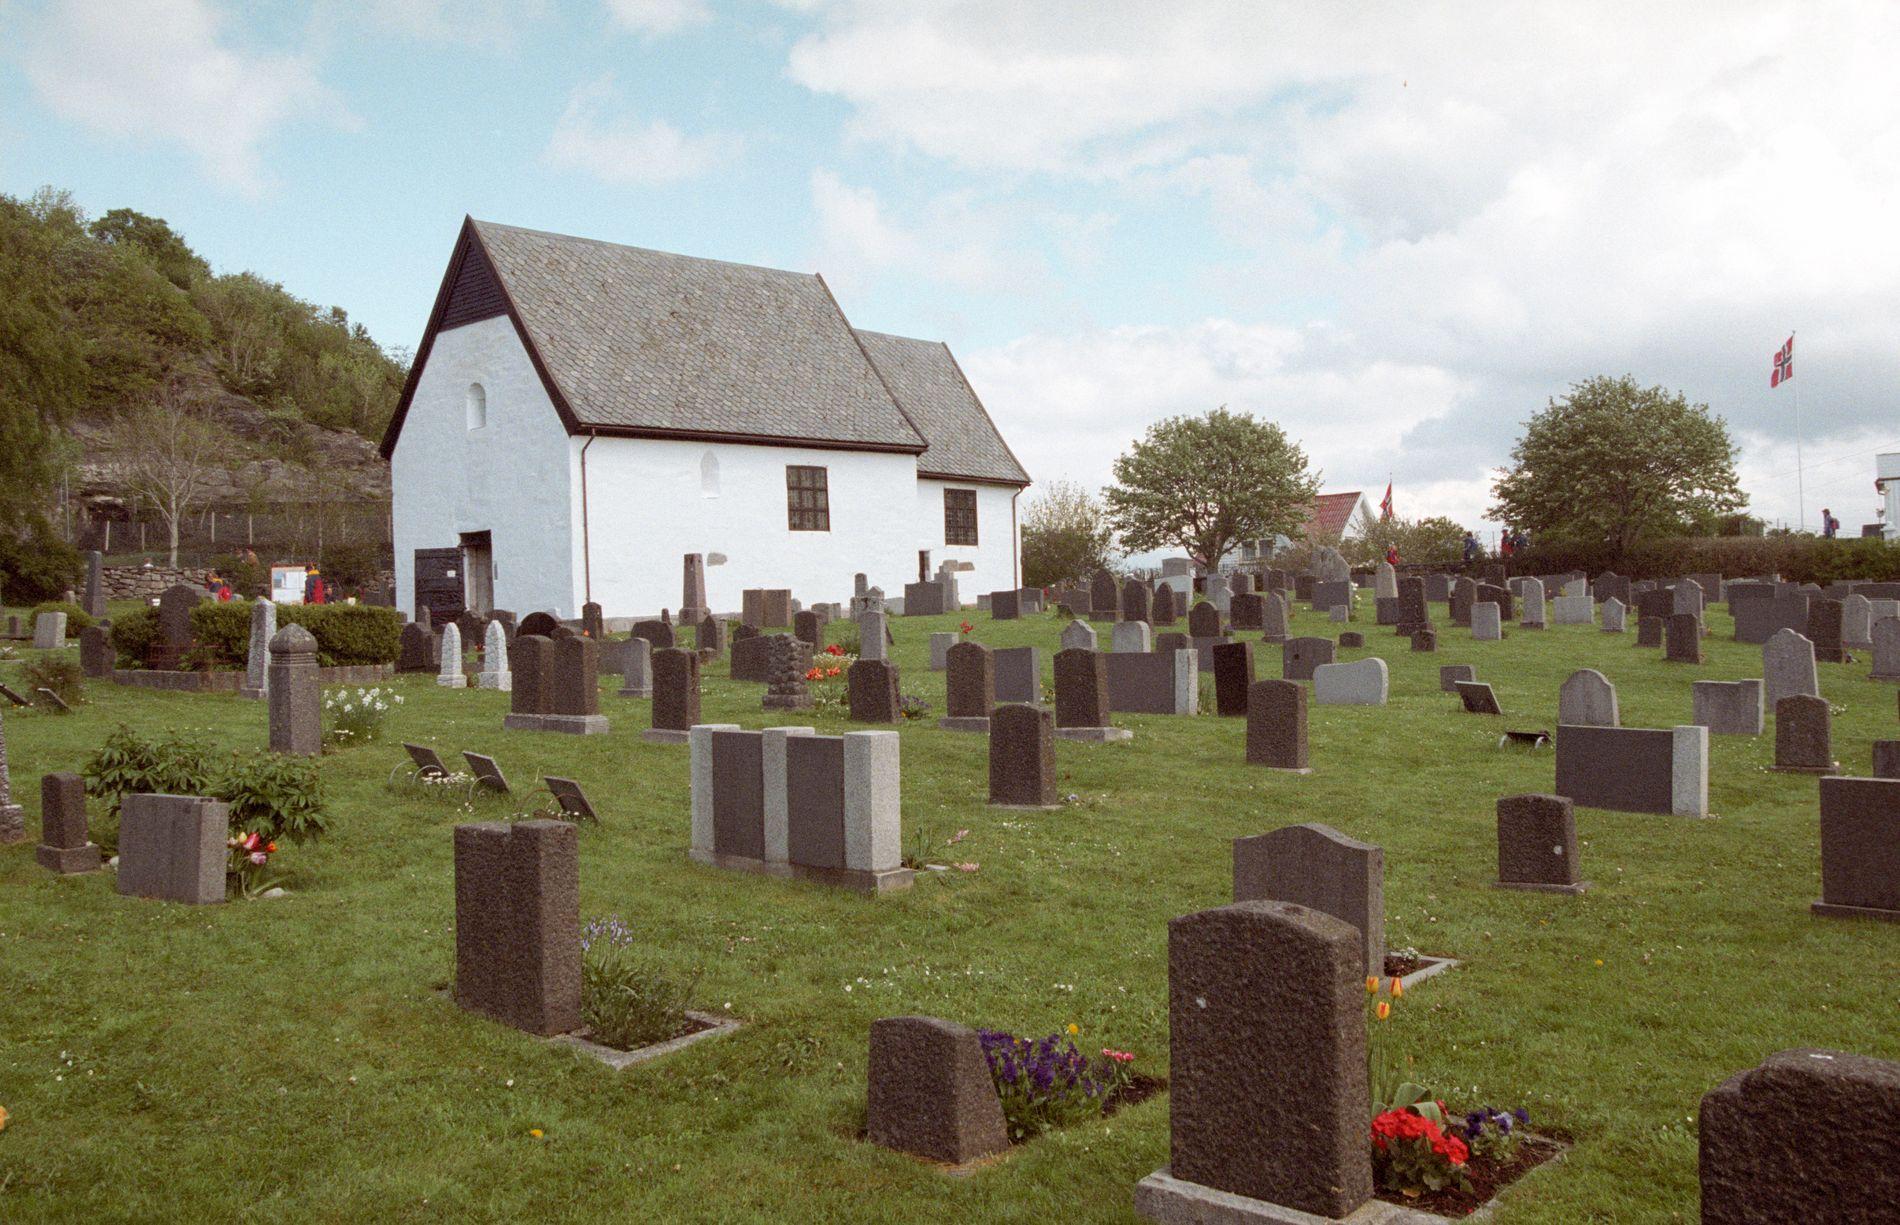 KYRKJA: Mosters gamle kyrkje vart reist på 1100-talet og vert rekna som ein av dei eldste bygningane i Noreg.